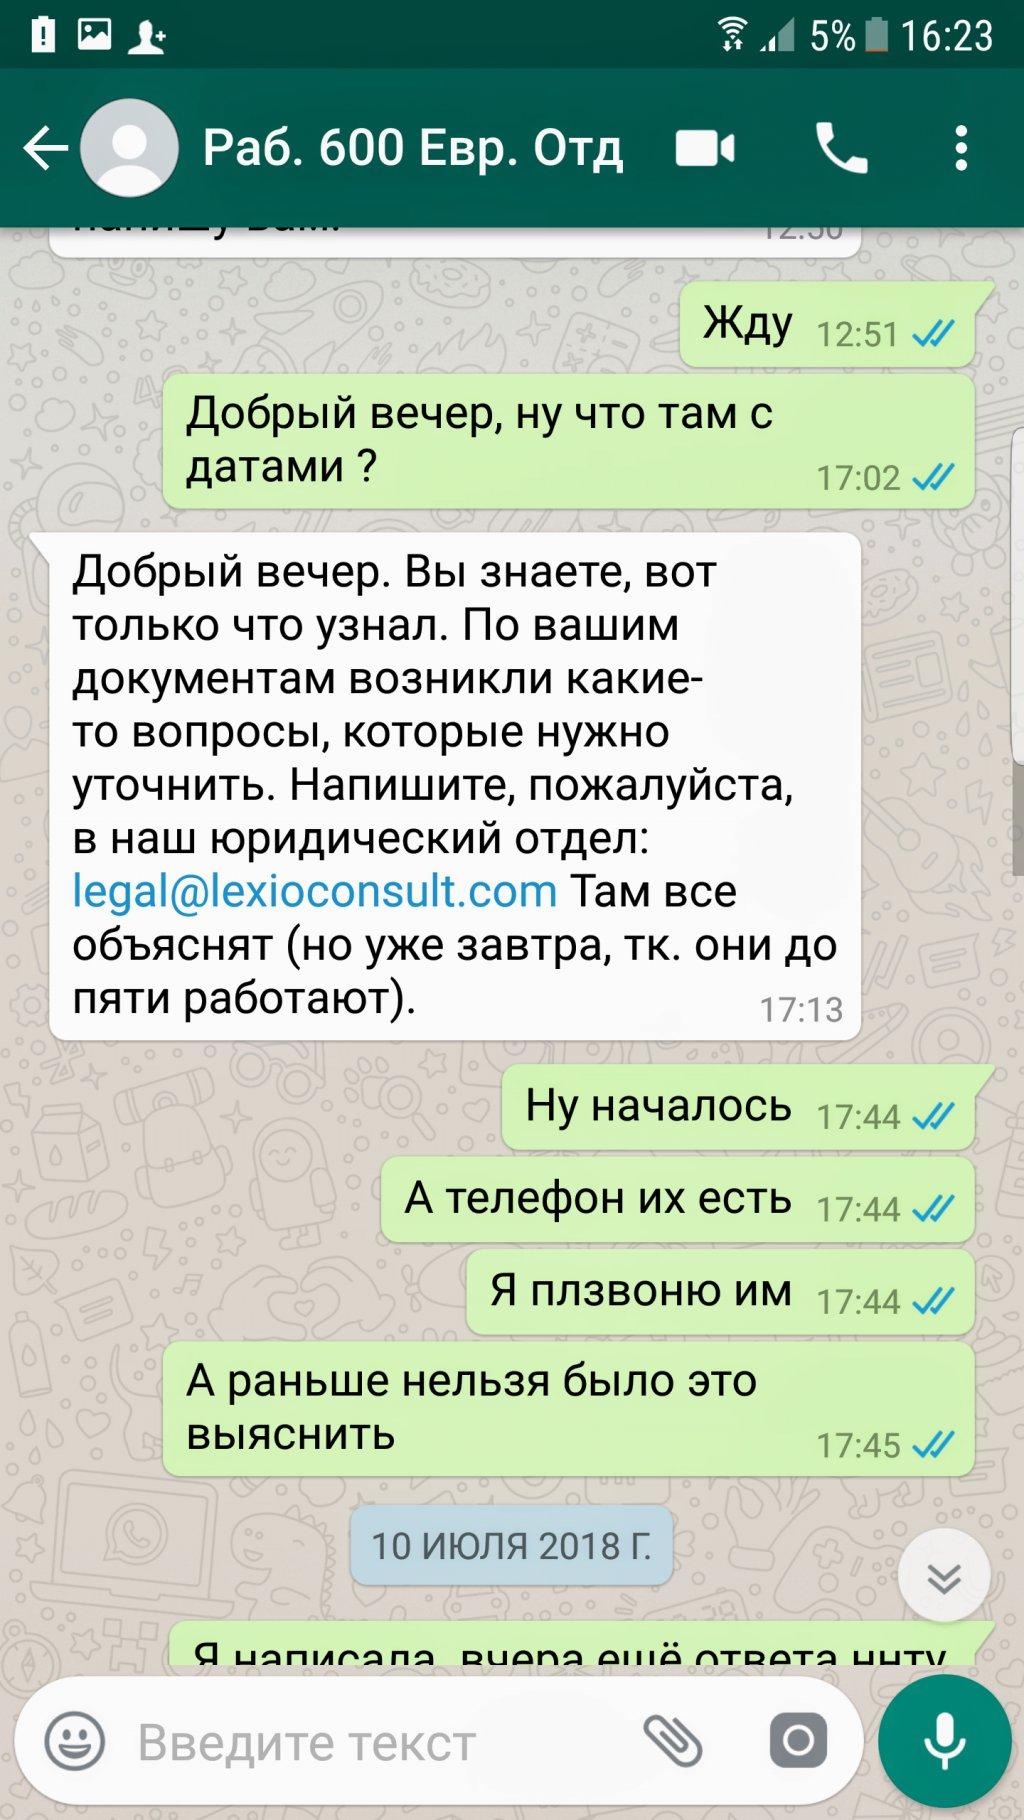 Lexio consult - Лексио мошенники